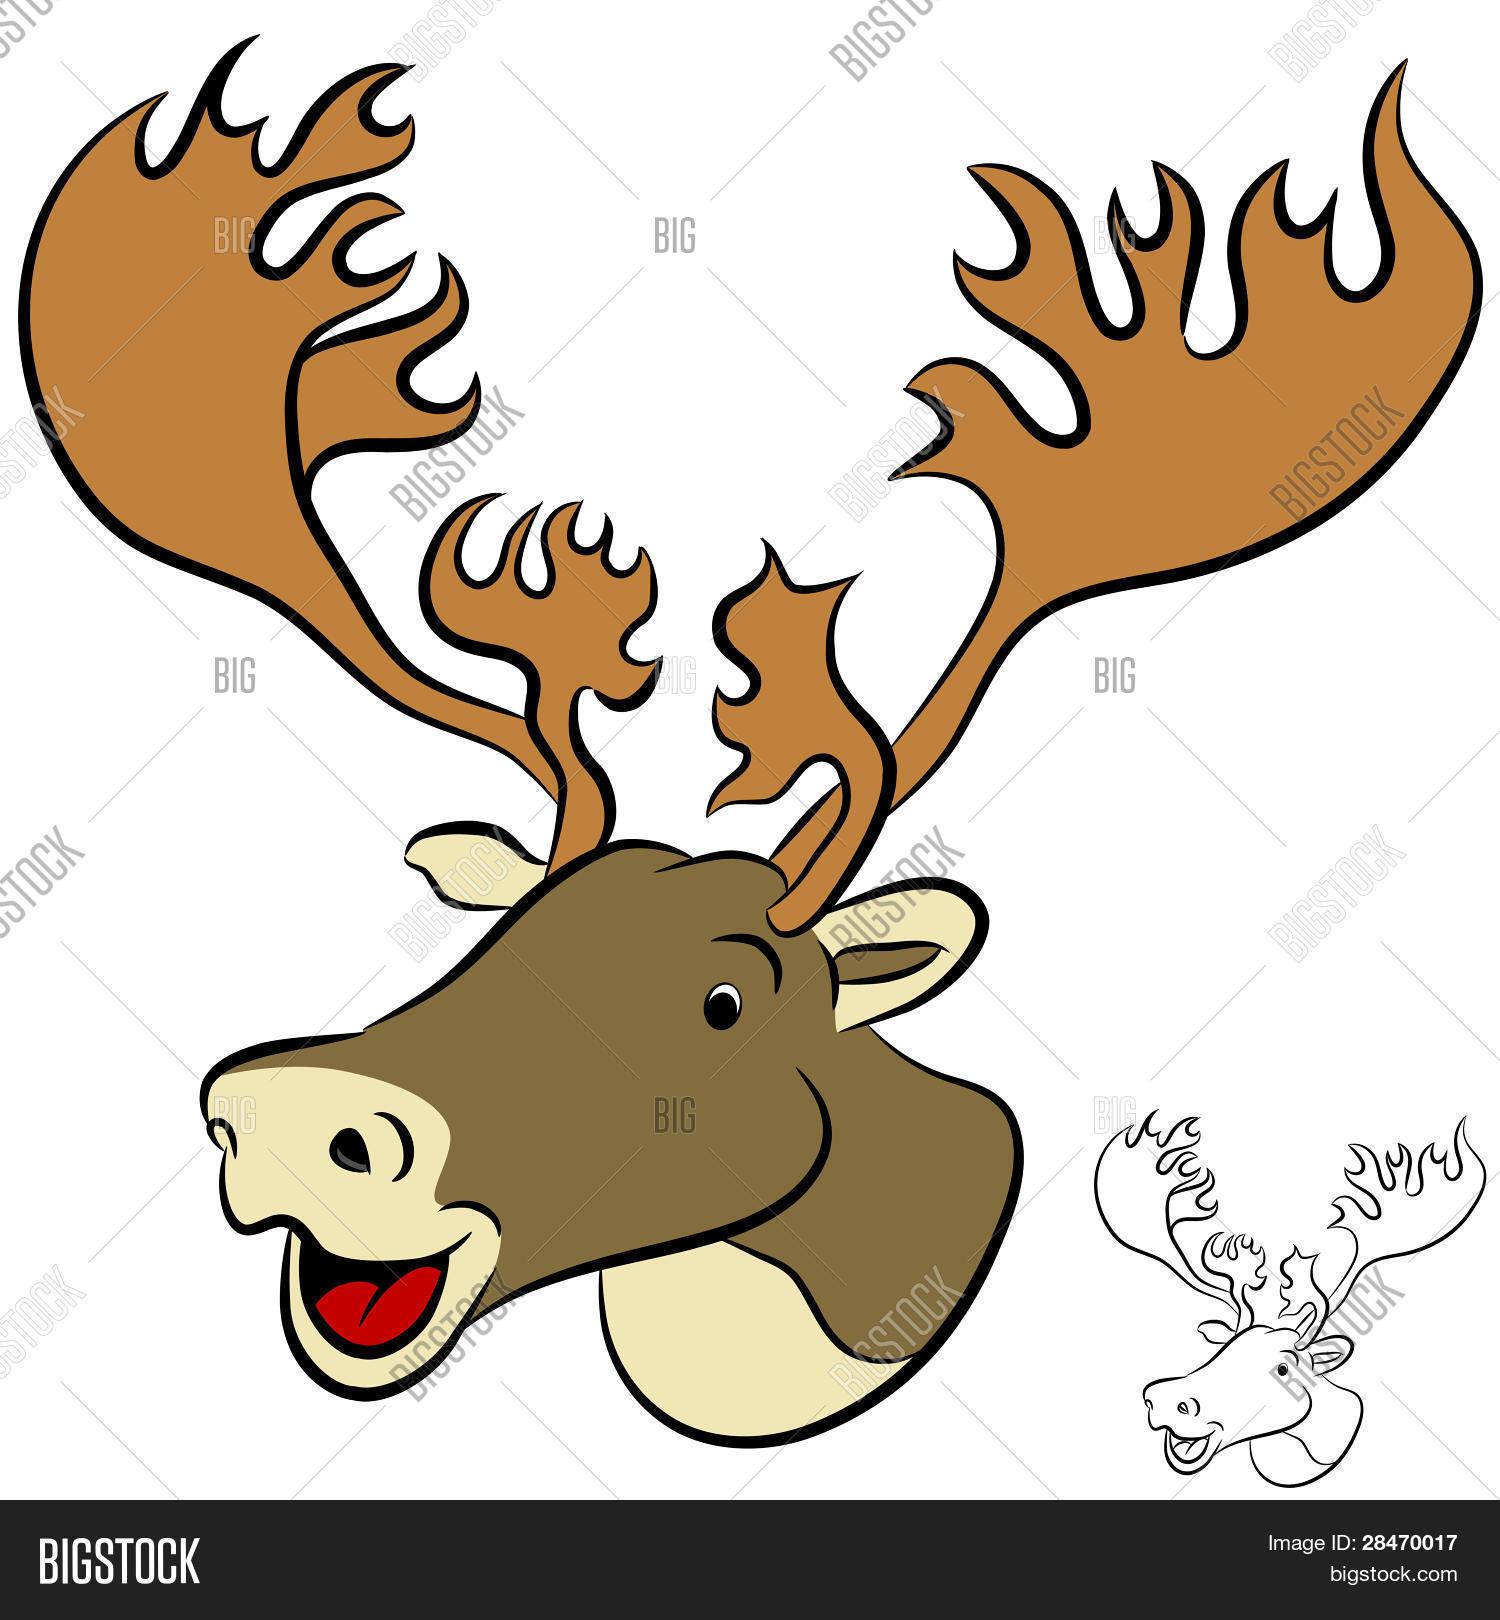 Image Et Photo De Une Image D'un (Essai Gratuit) | Bigstock pour Caribou Dessin